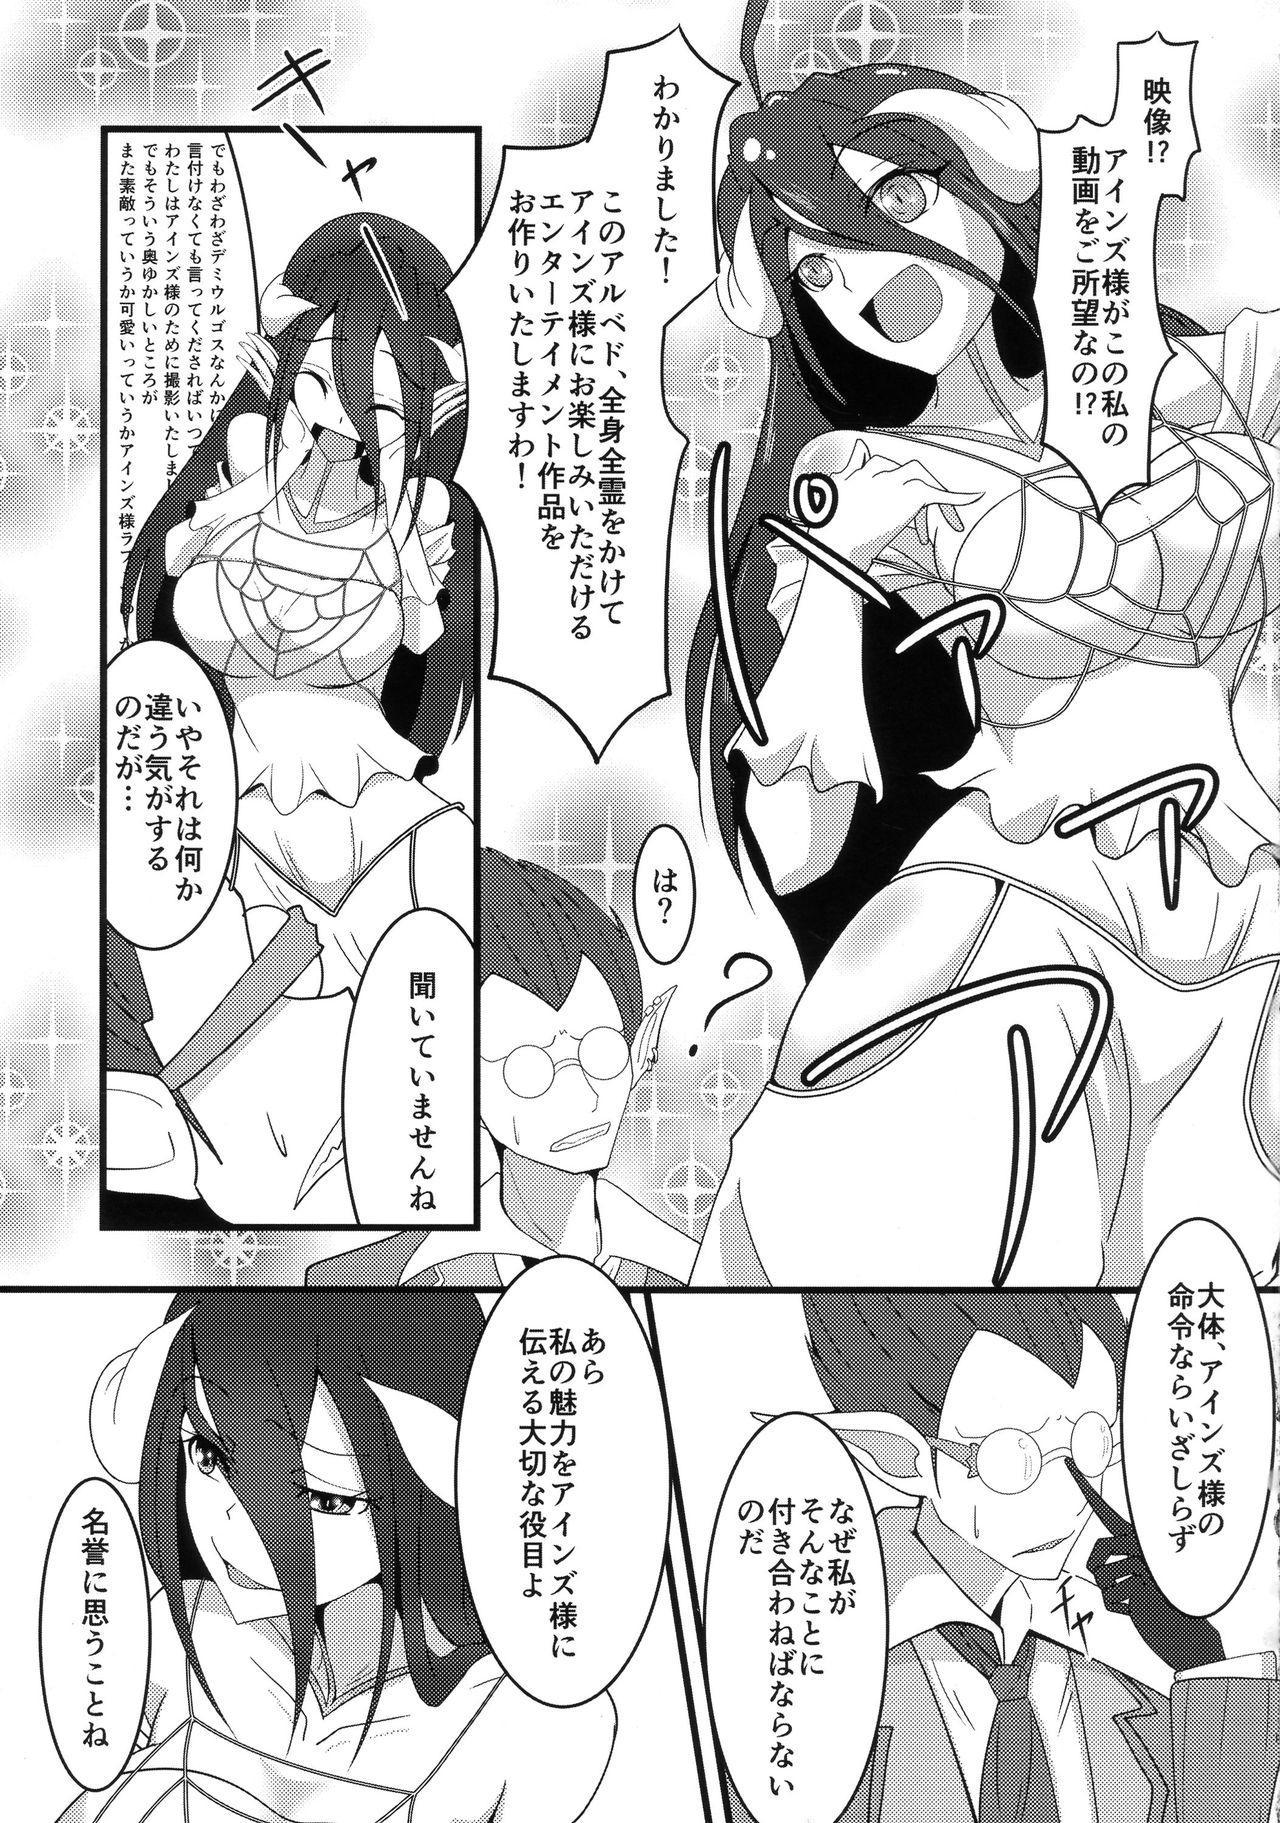 Haitoku no Hitotsukami 4